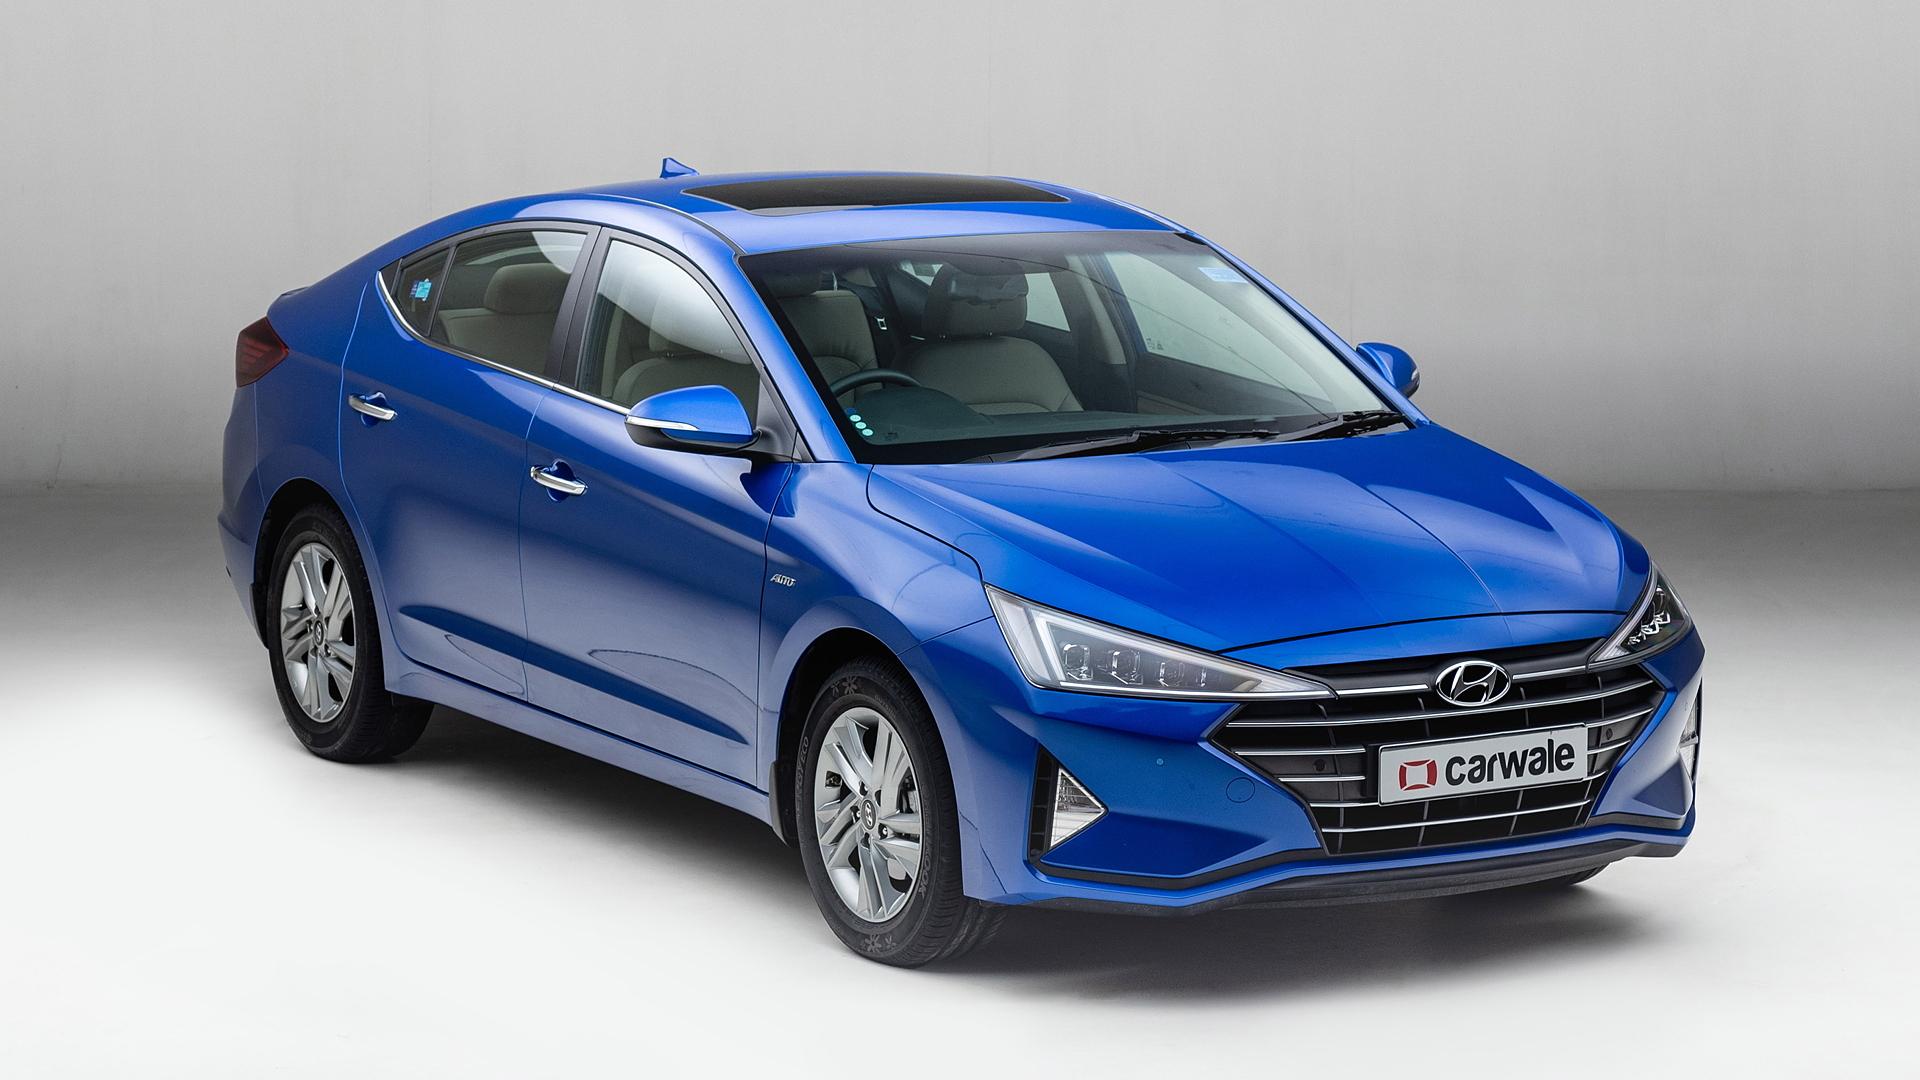 Hyundai Cars Price In India Hyundai Models 2020 Reviews Specs Dealers Carwale